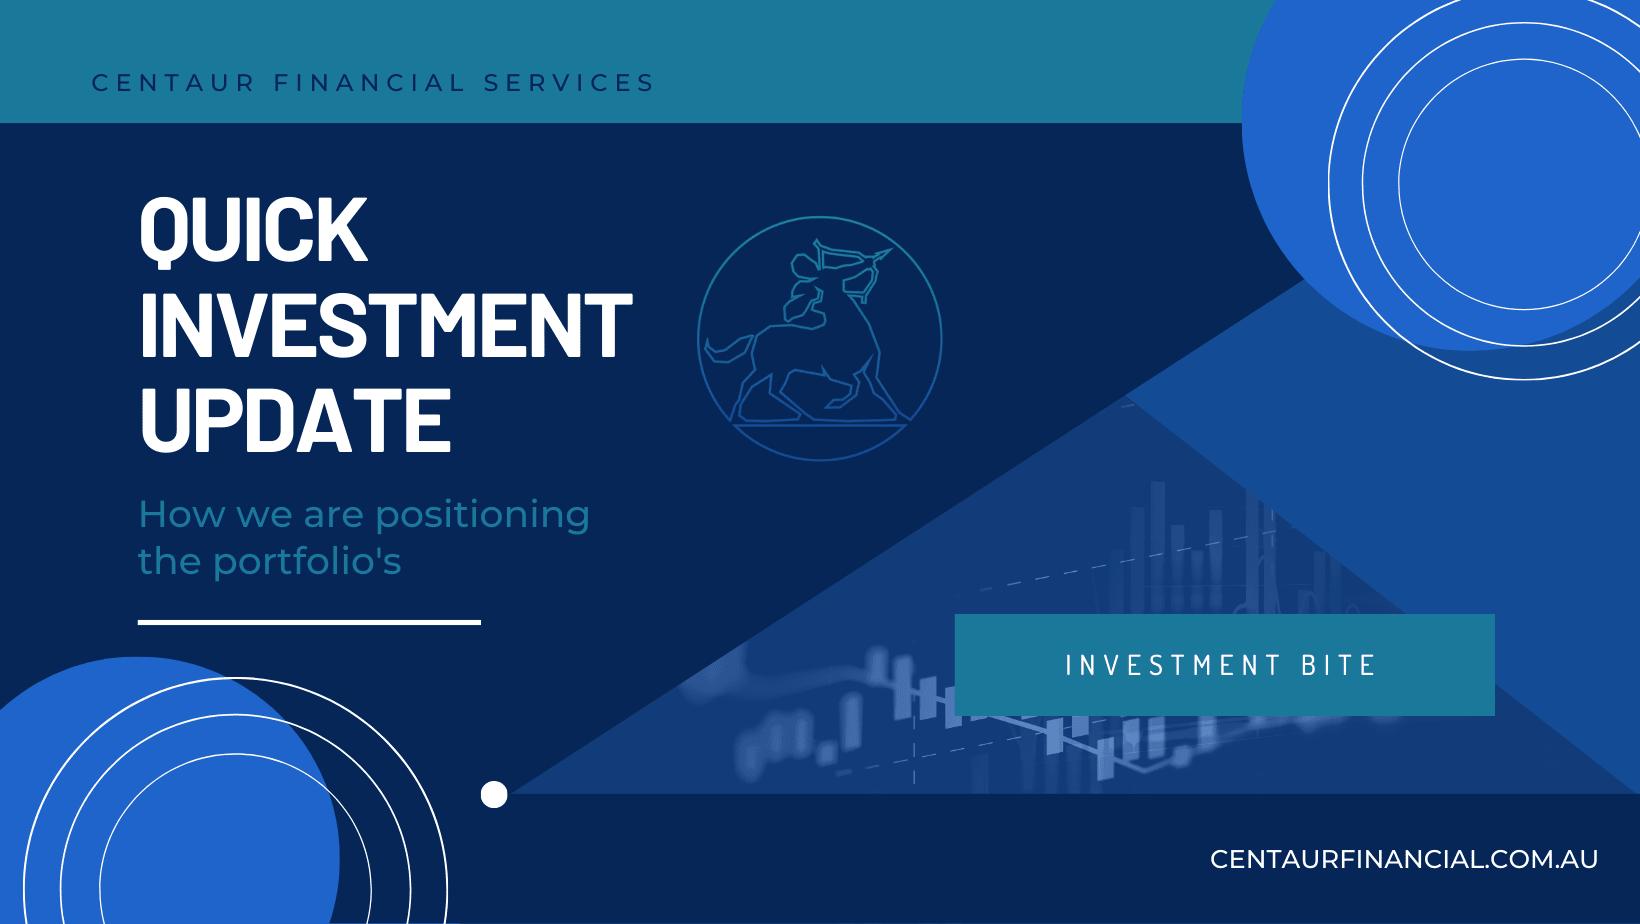 Quick Investment Update